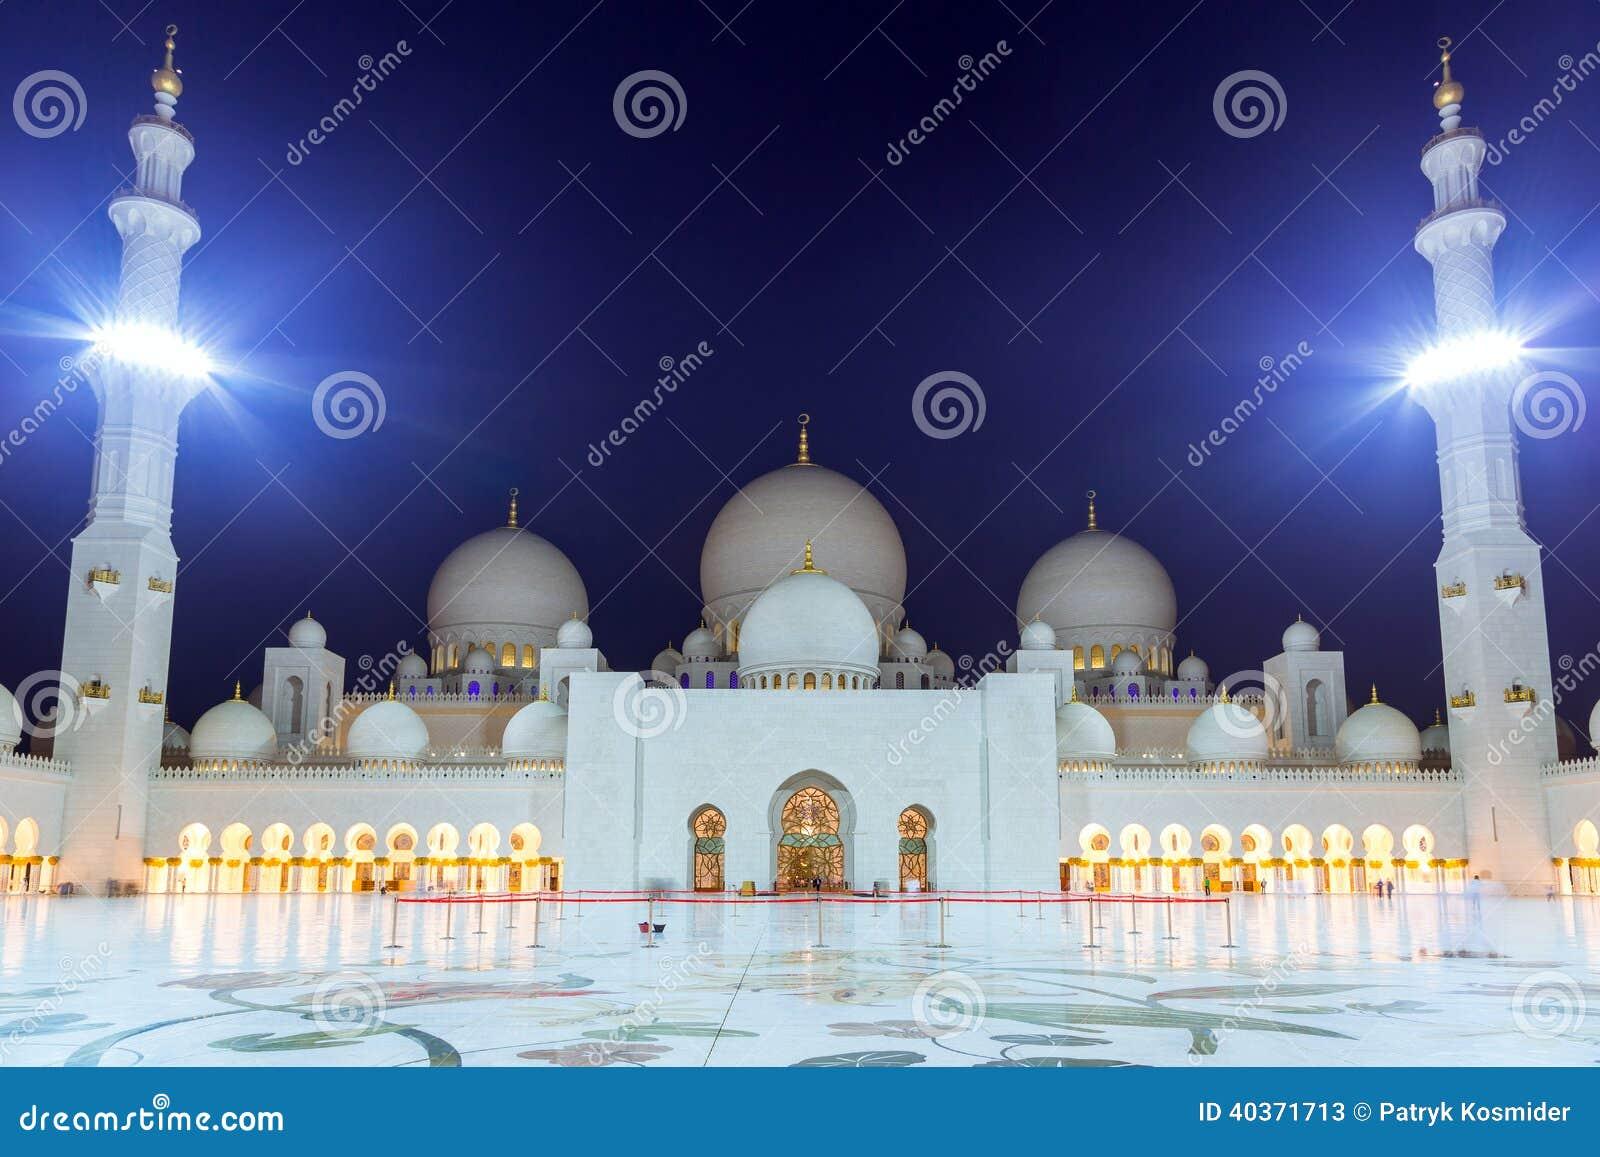 Grossartige Moschee In Abu Dhabi Nachts Stockbild Bild Von